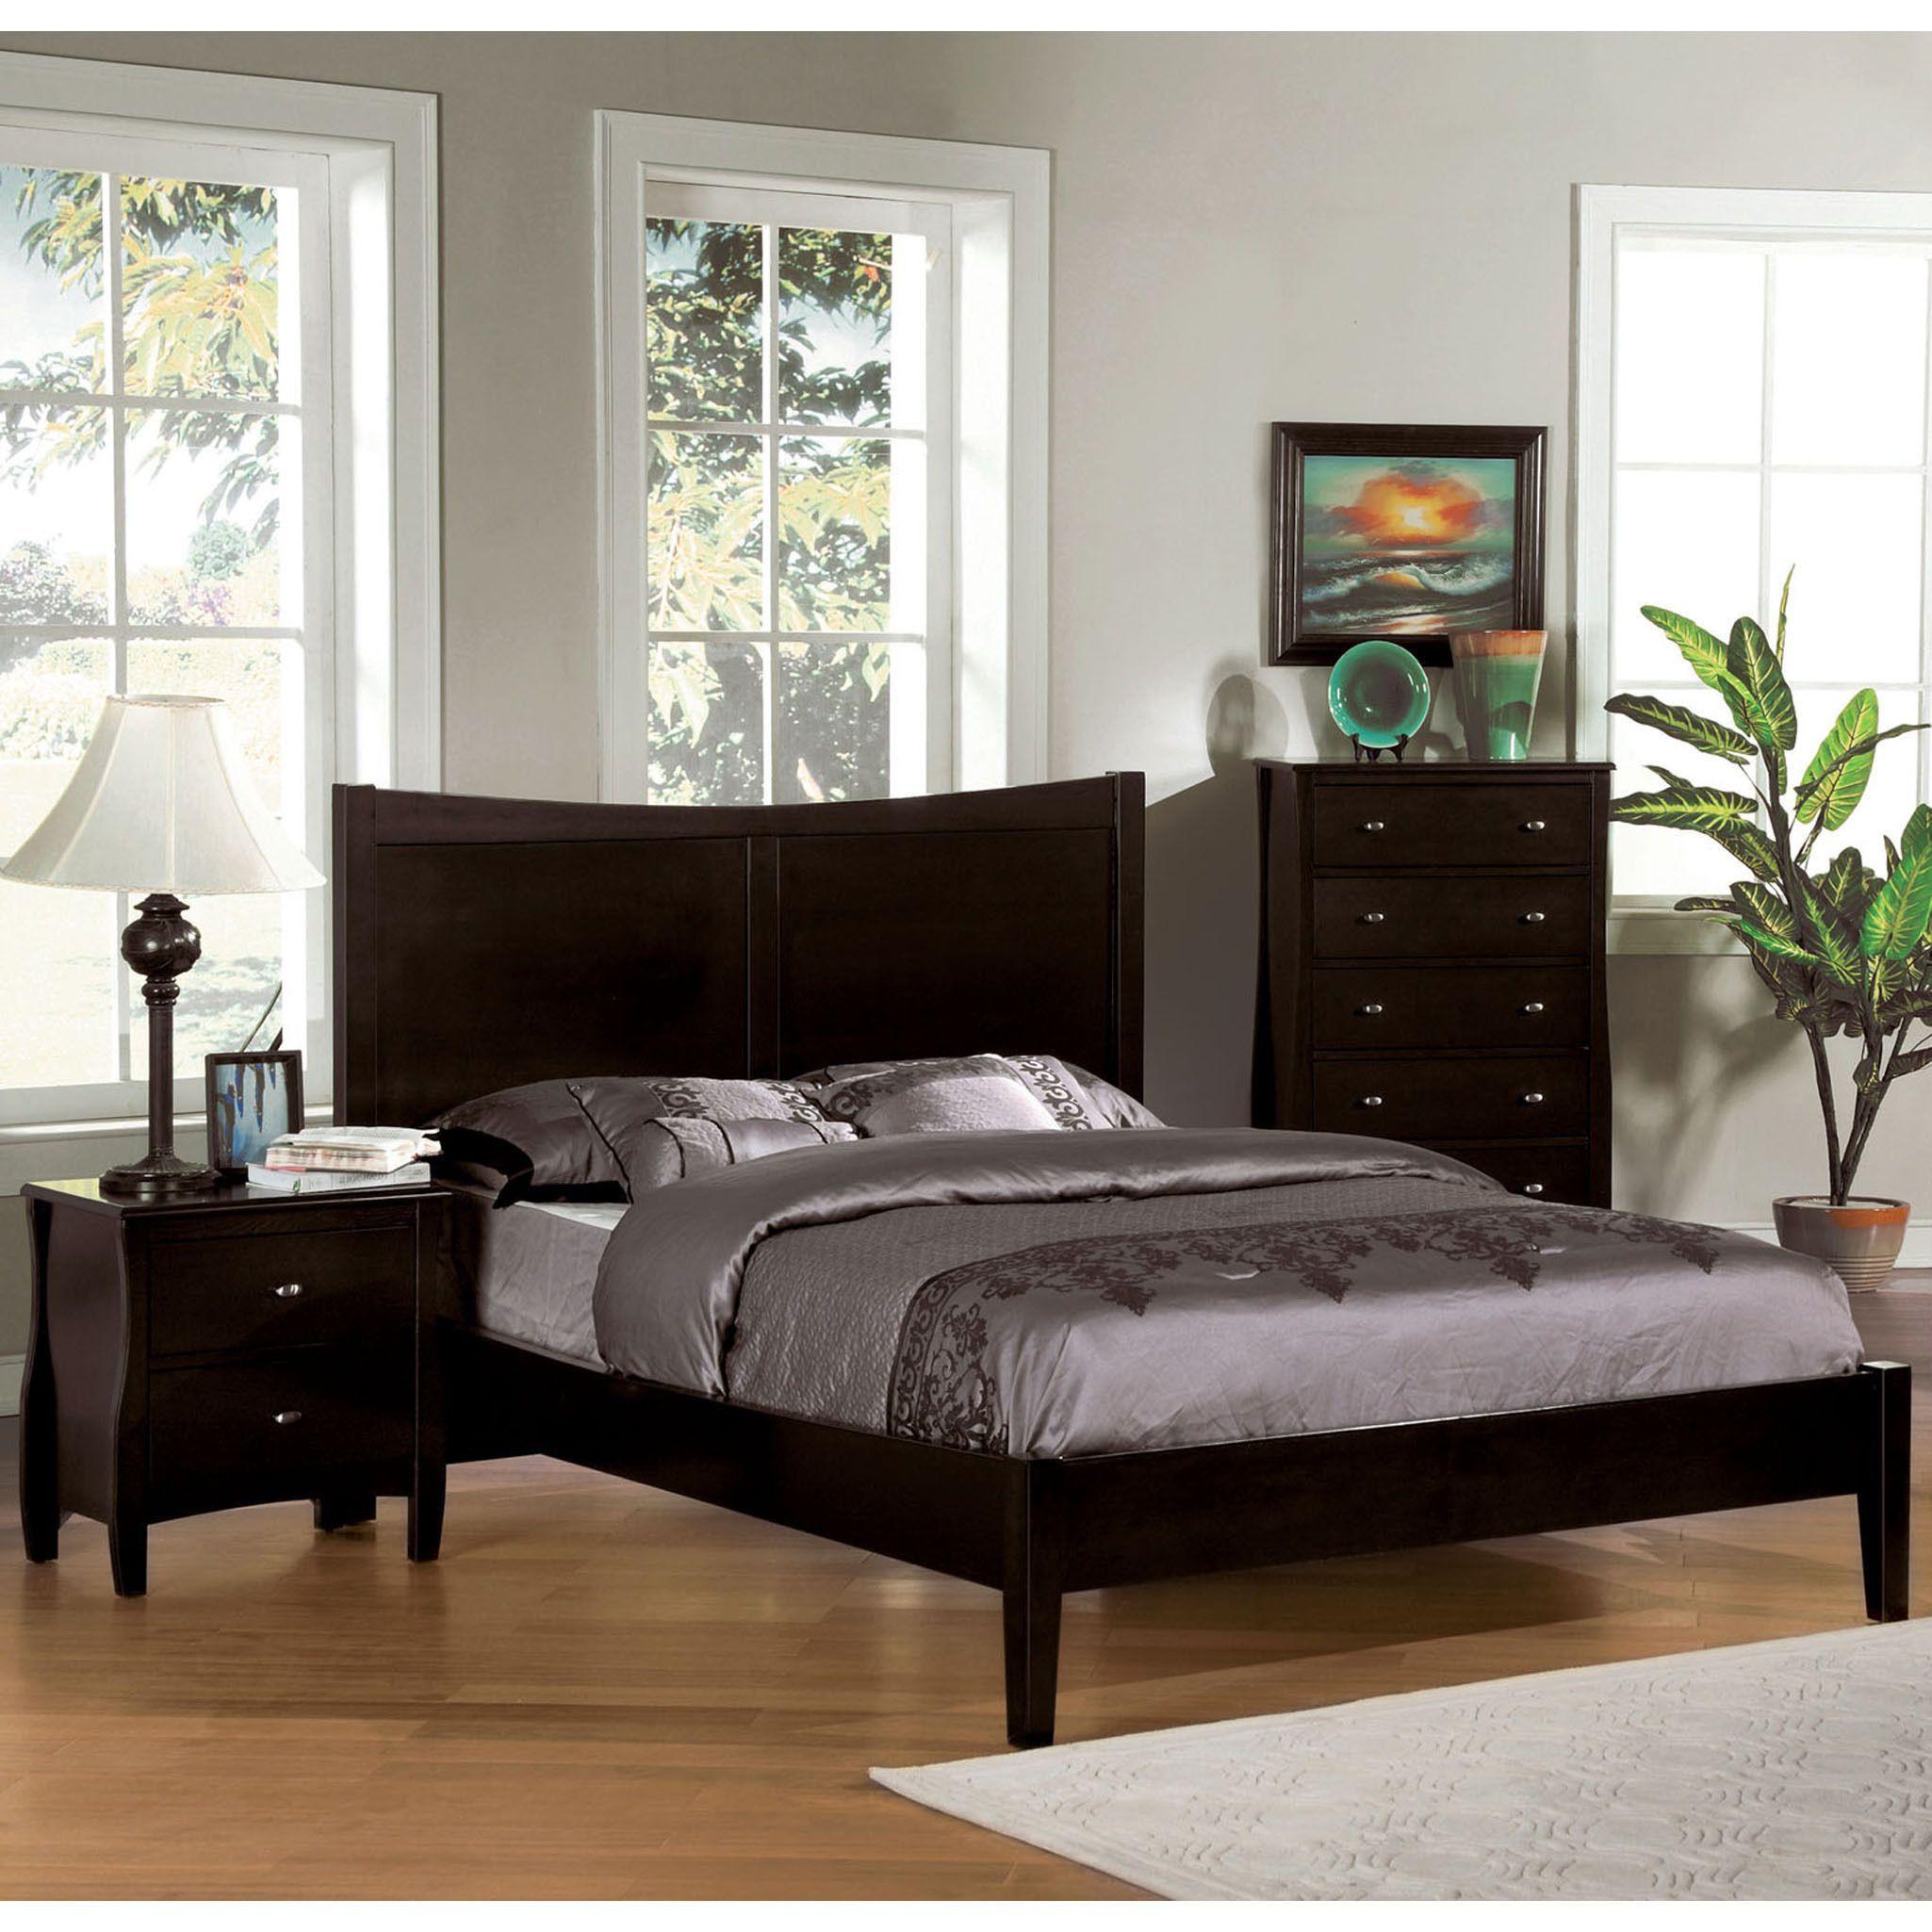 Furniture of America Modern Espresso Cut-Out Headboard Platform Bed ...